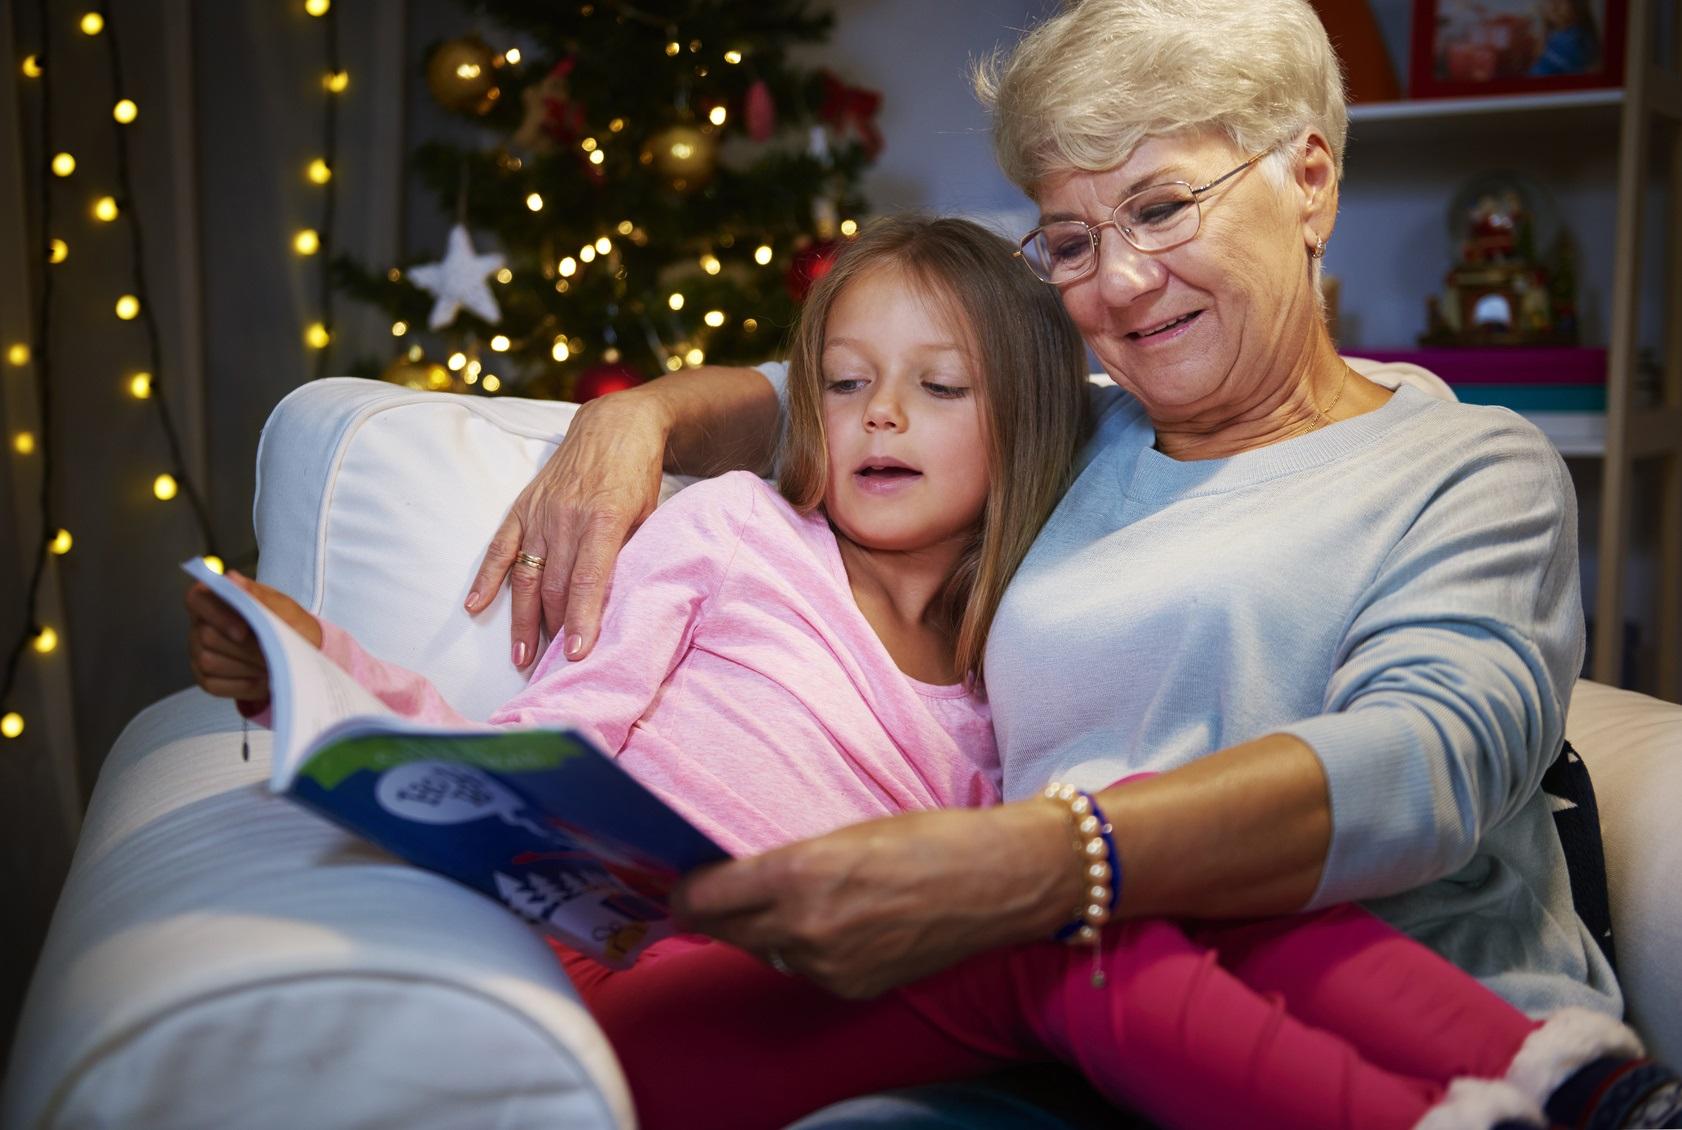 Abuelo con su nieta porke ella no le tiene confianza - 3 part 10